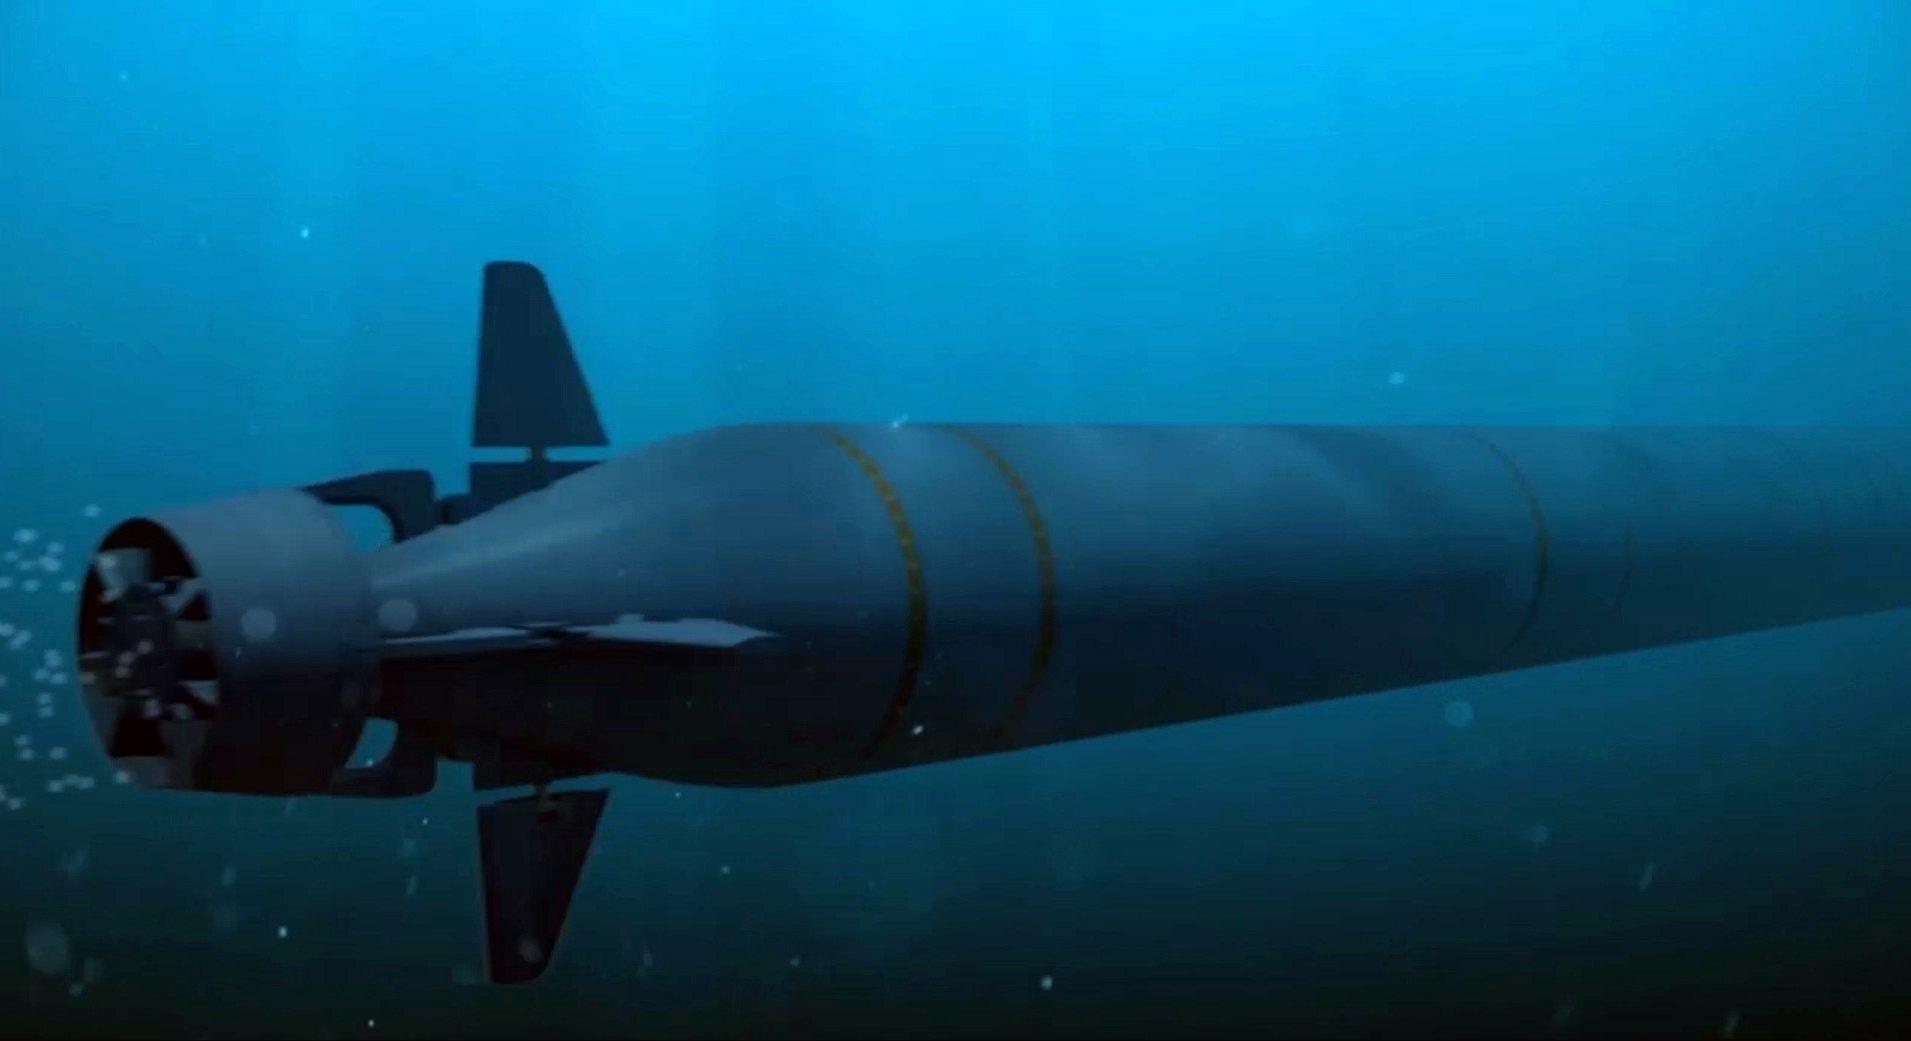 Tra le nuove armi mostrate da Putin, anche un missile sottomarino